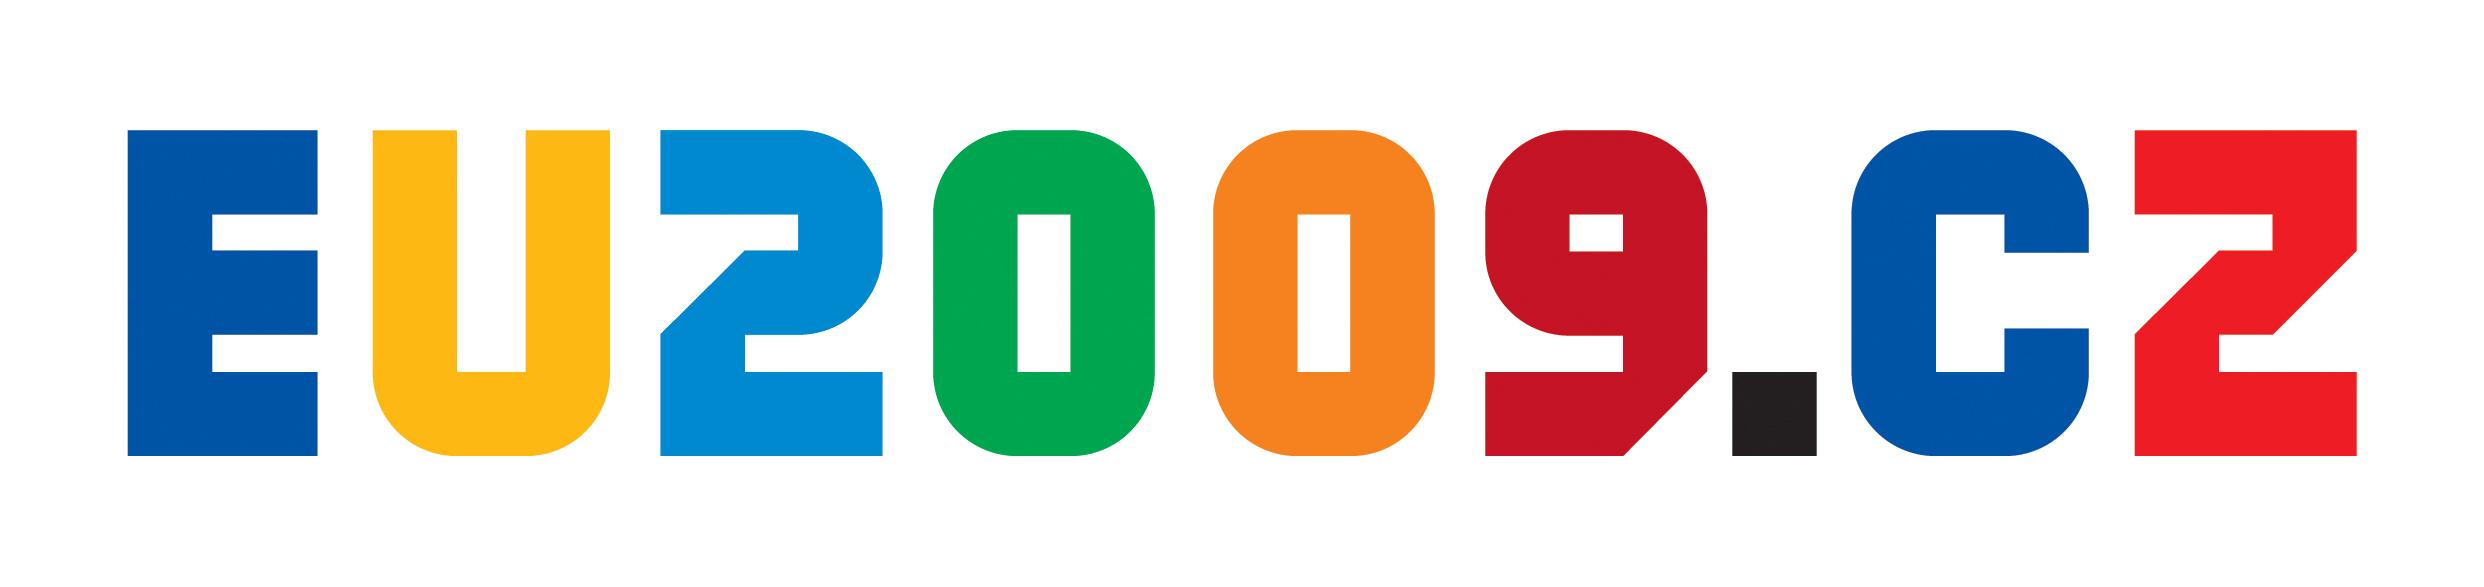 eu2009cz_colour_2.jpg